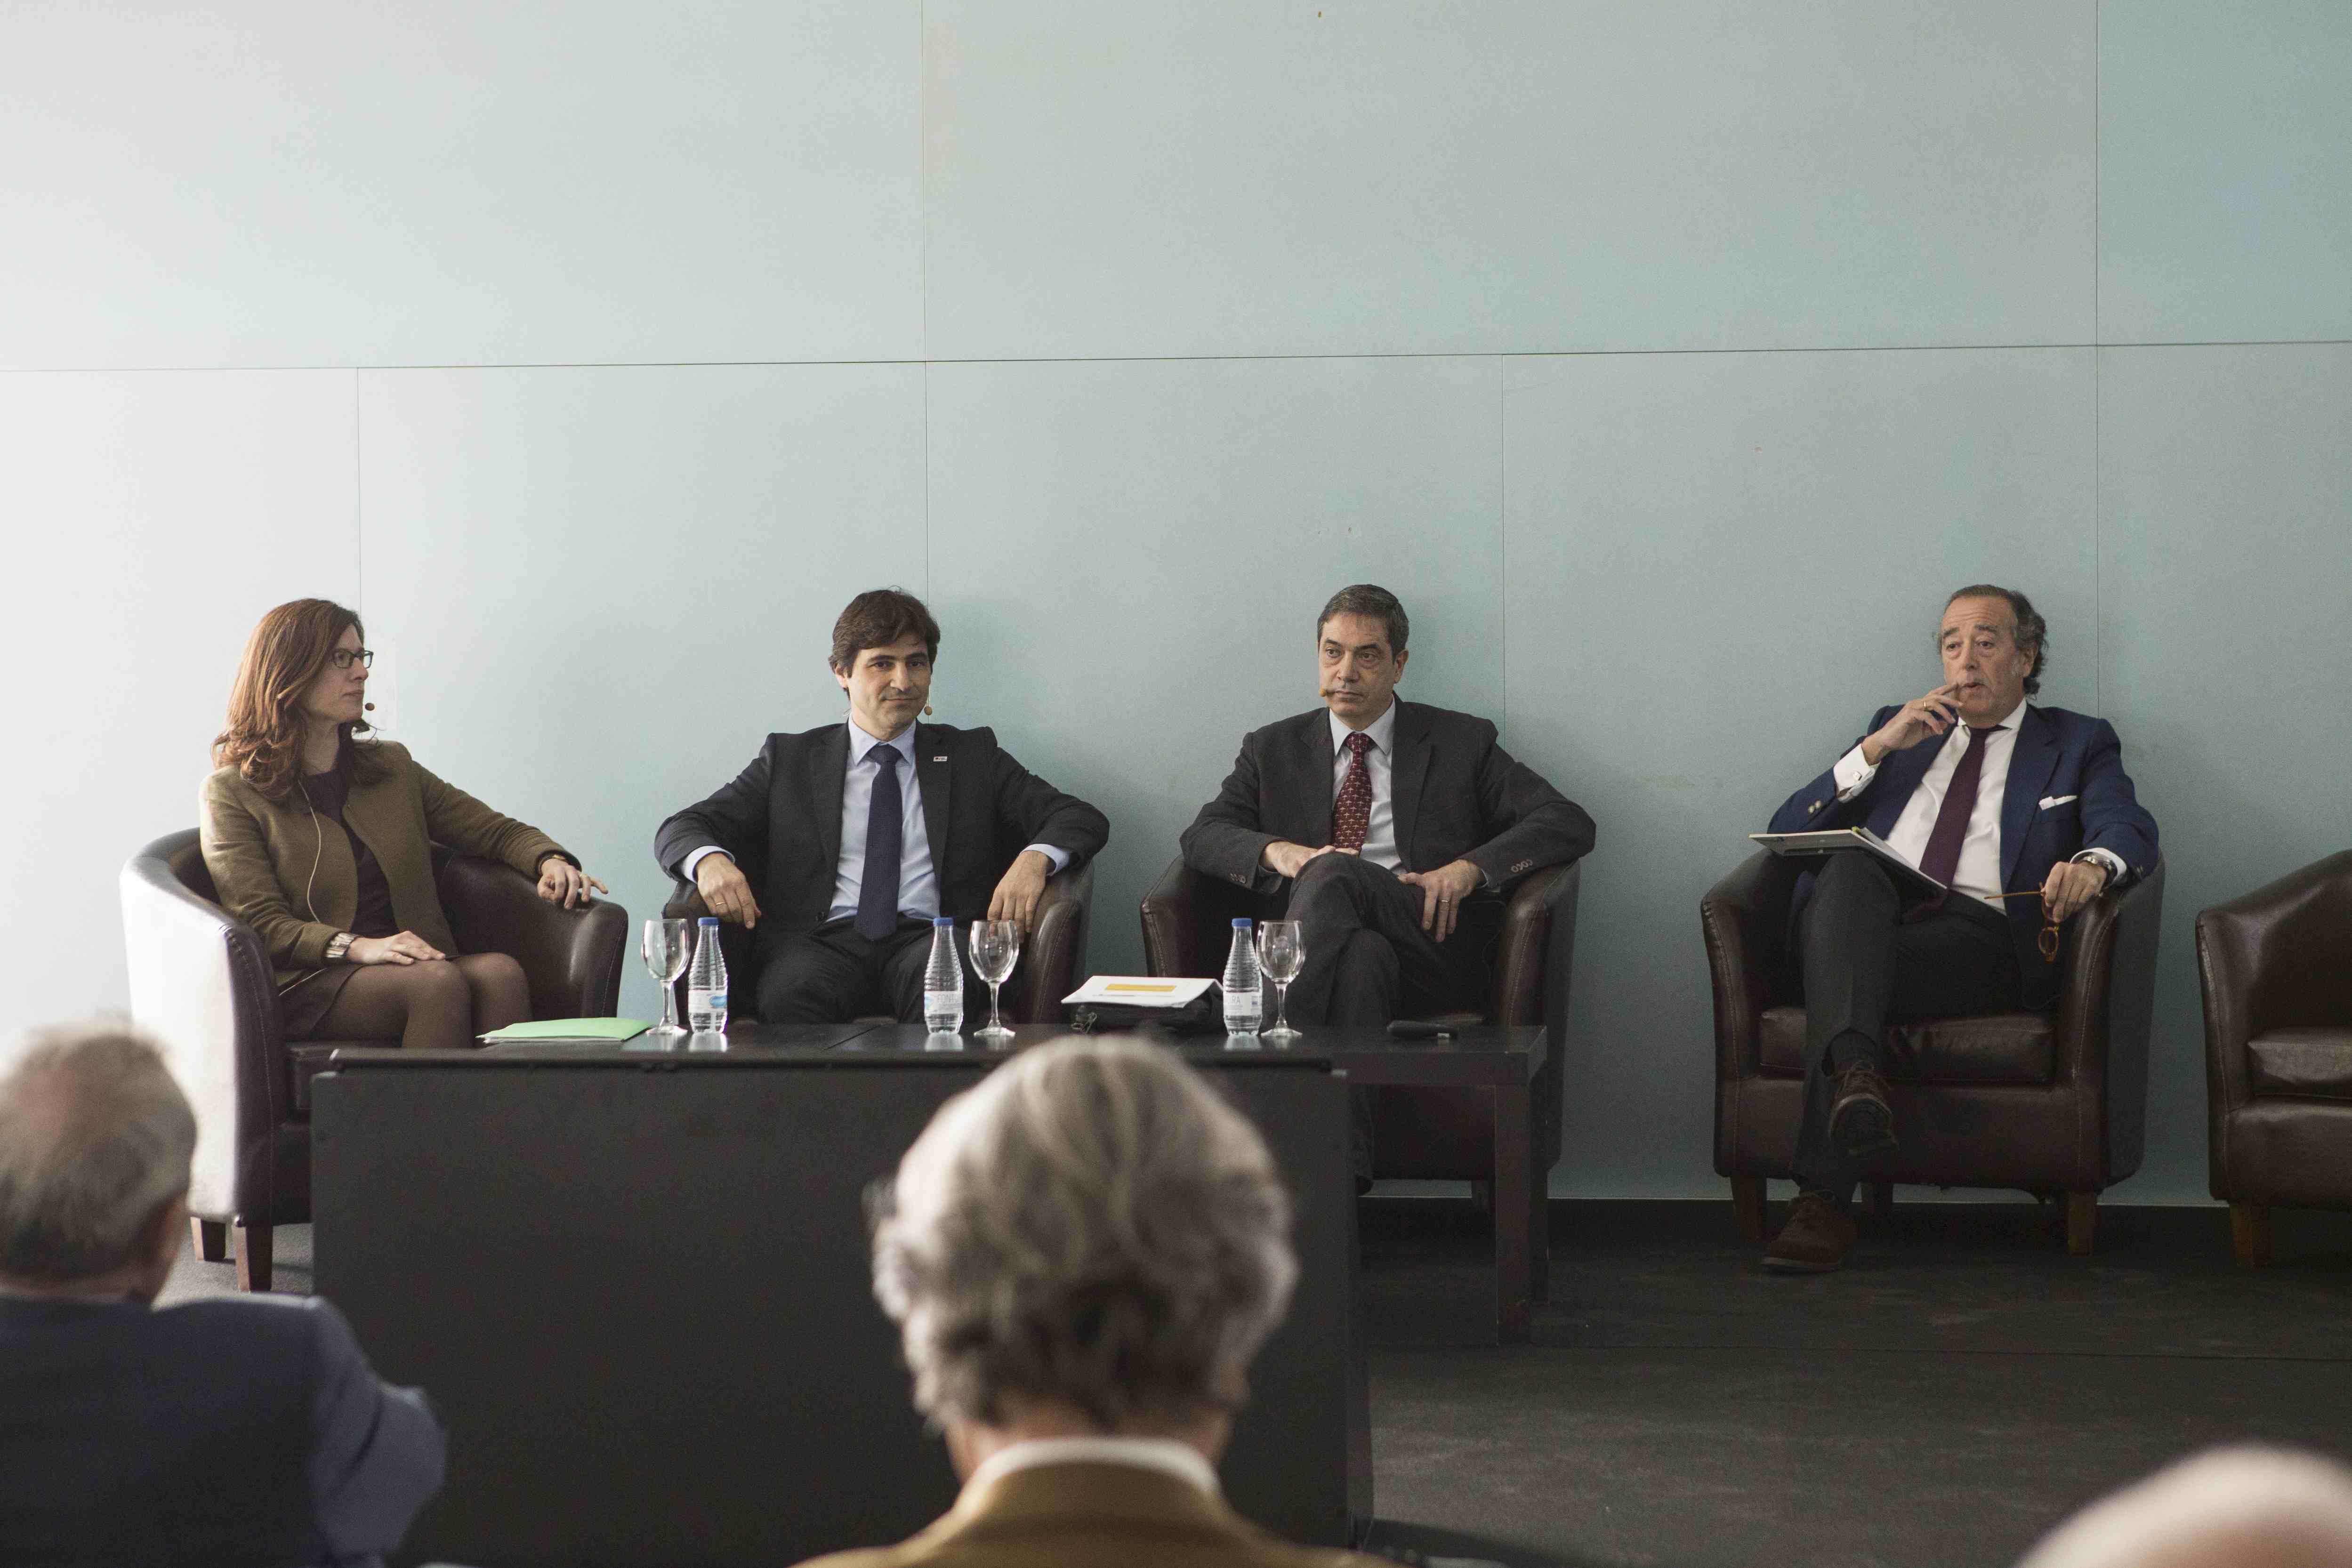 #Jornada5M: reunimos a más de 300 expertos en turismo en Vigo